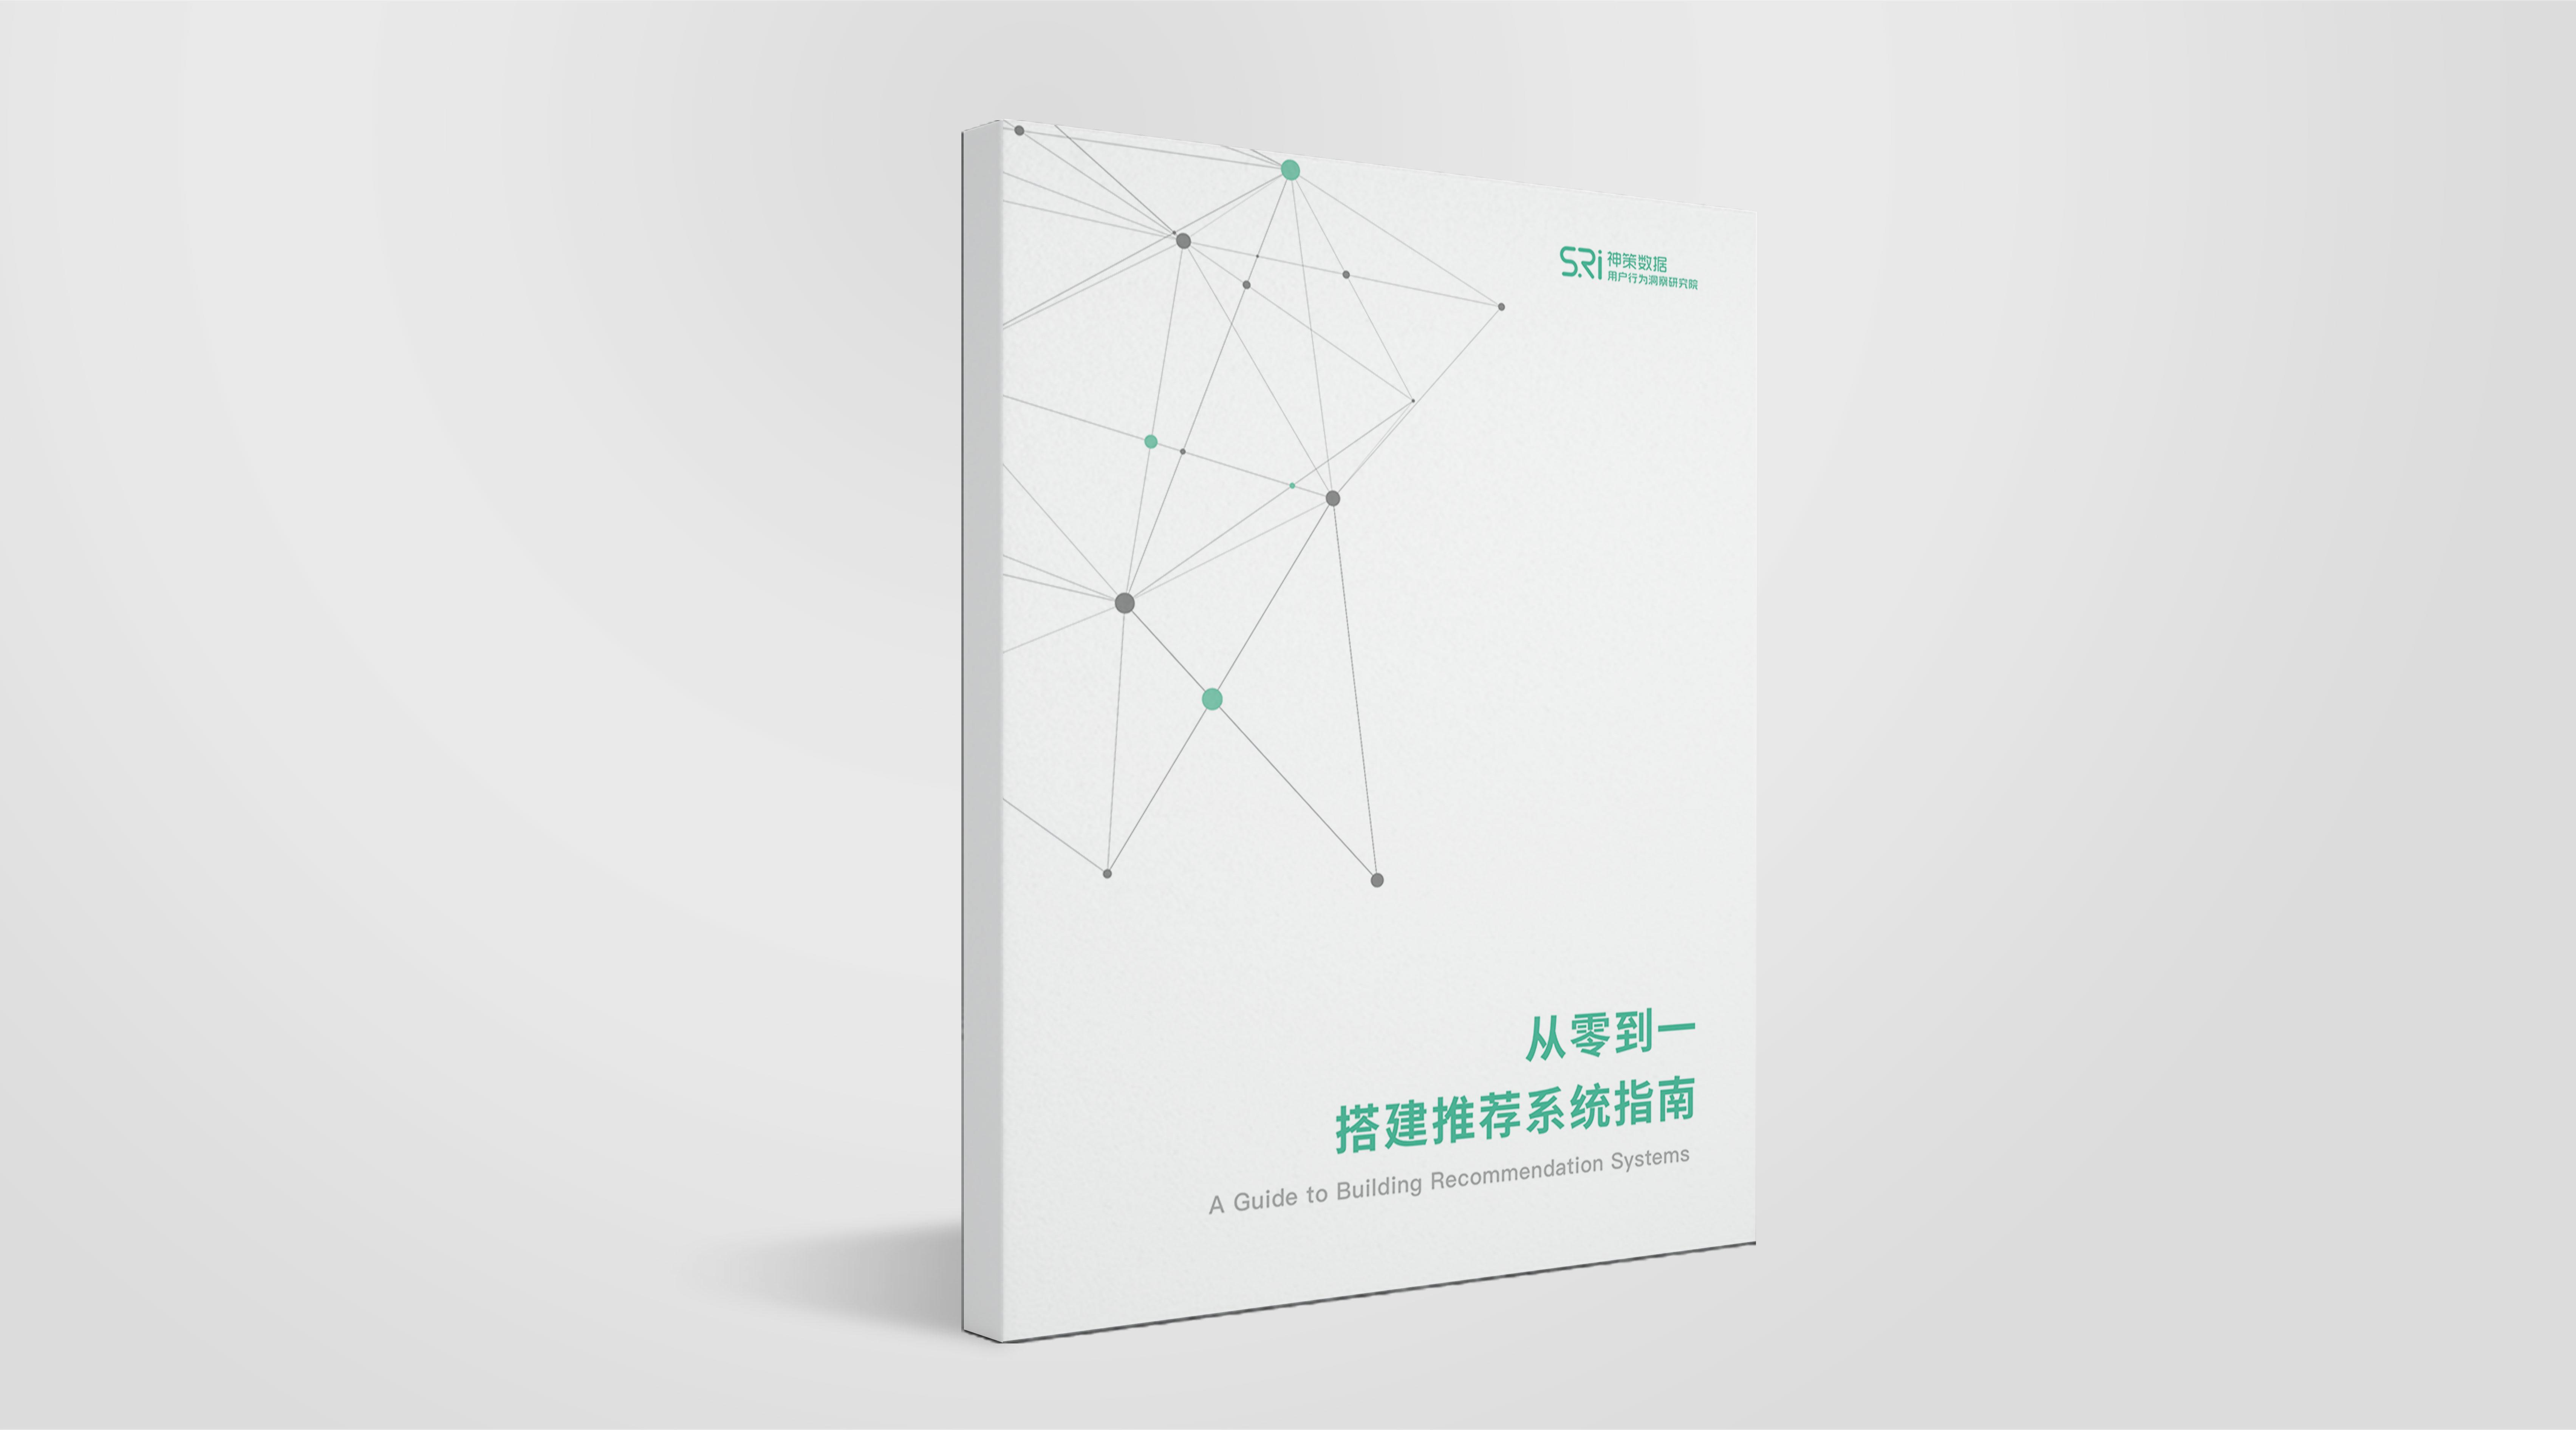 9e29a64b82072e888523ca39b904814a.pdf